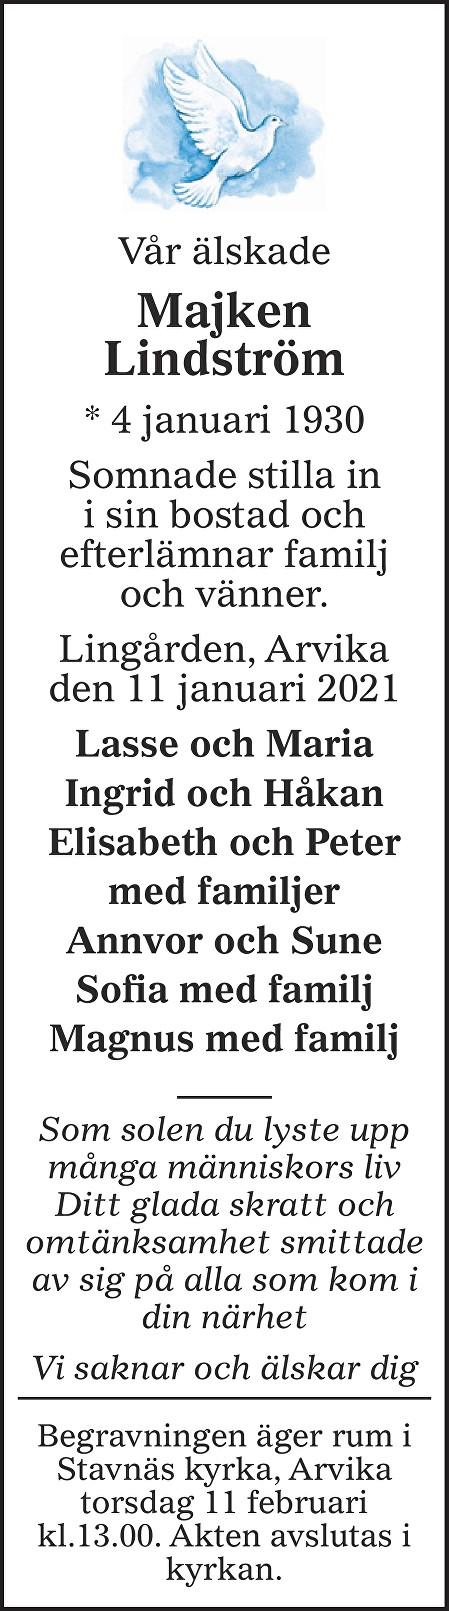 Majken Lindström Death notice